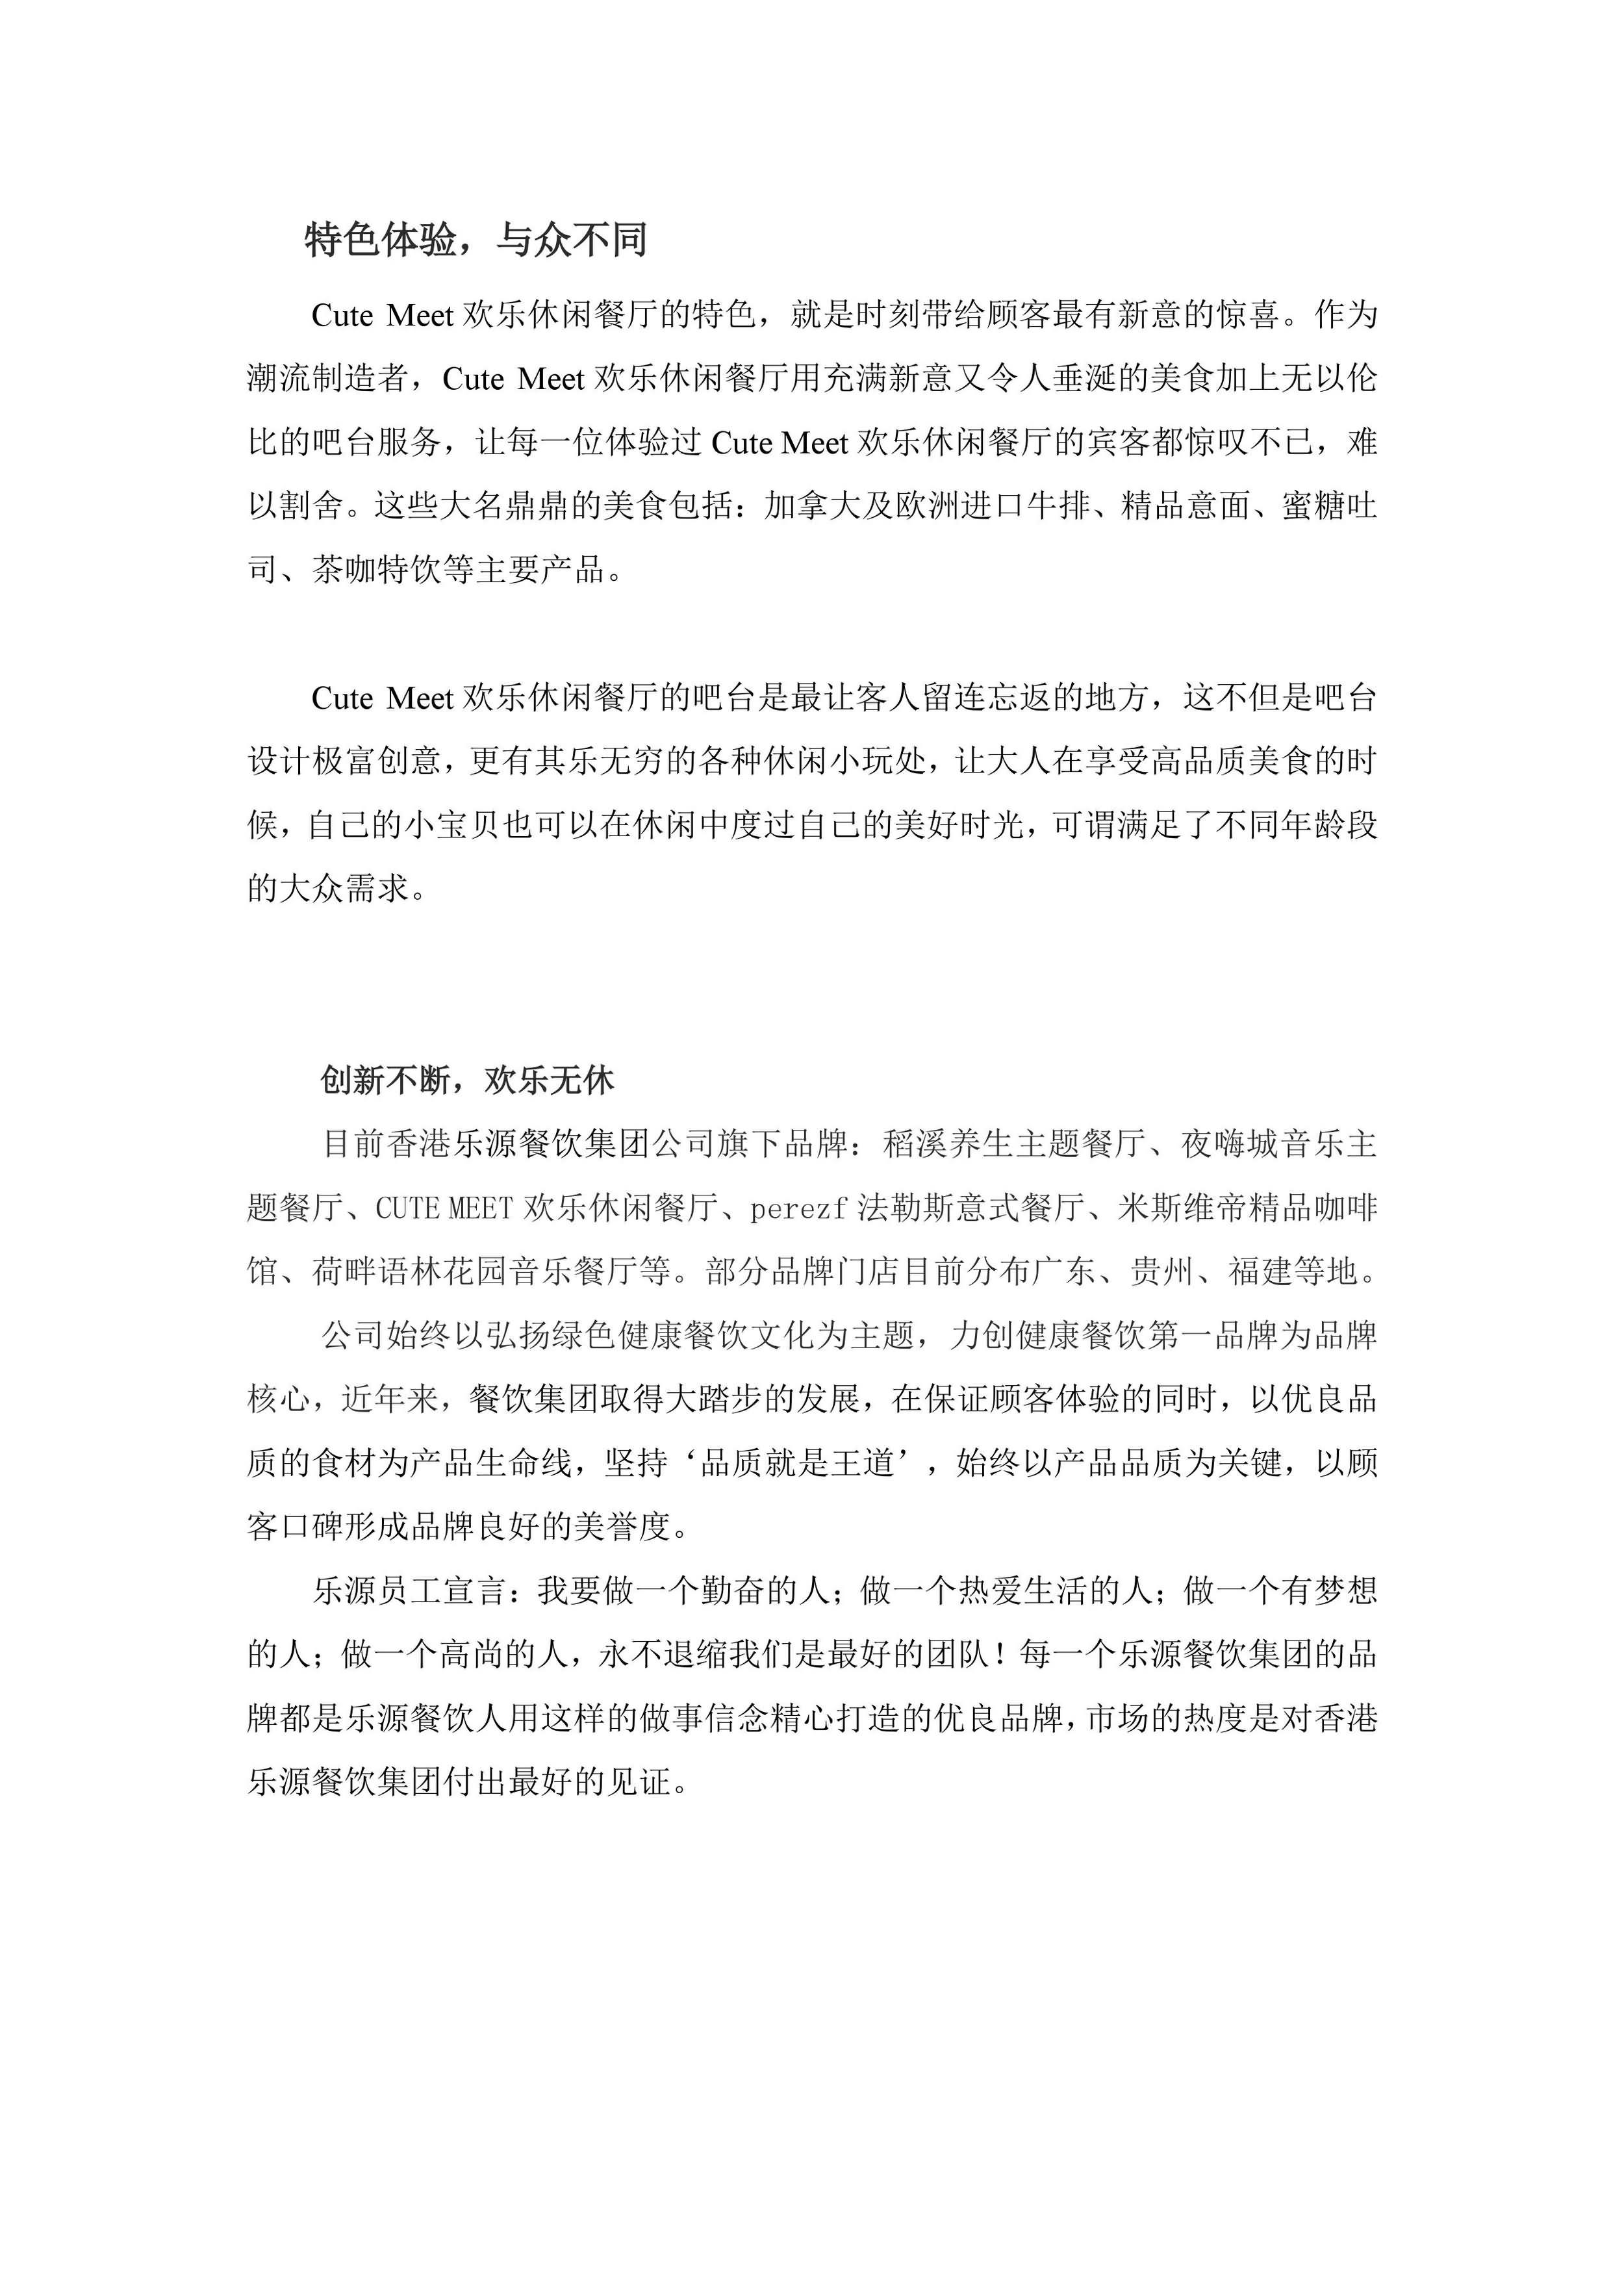 香港樂源餐飲集團有限公司16